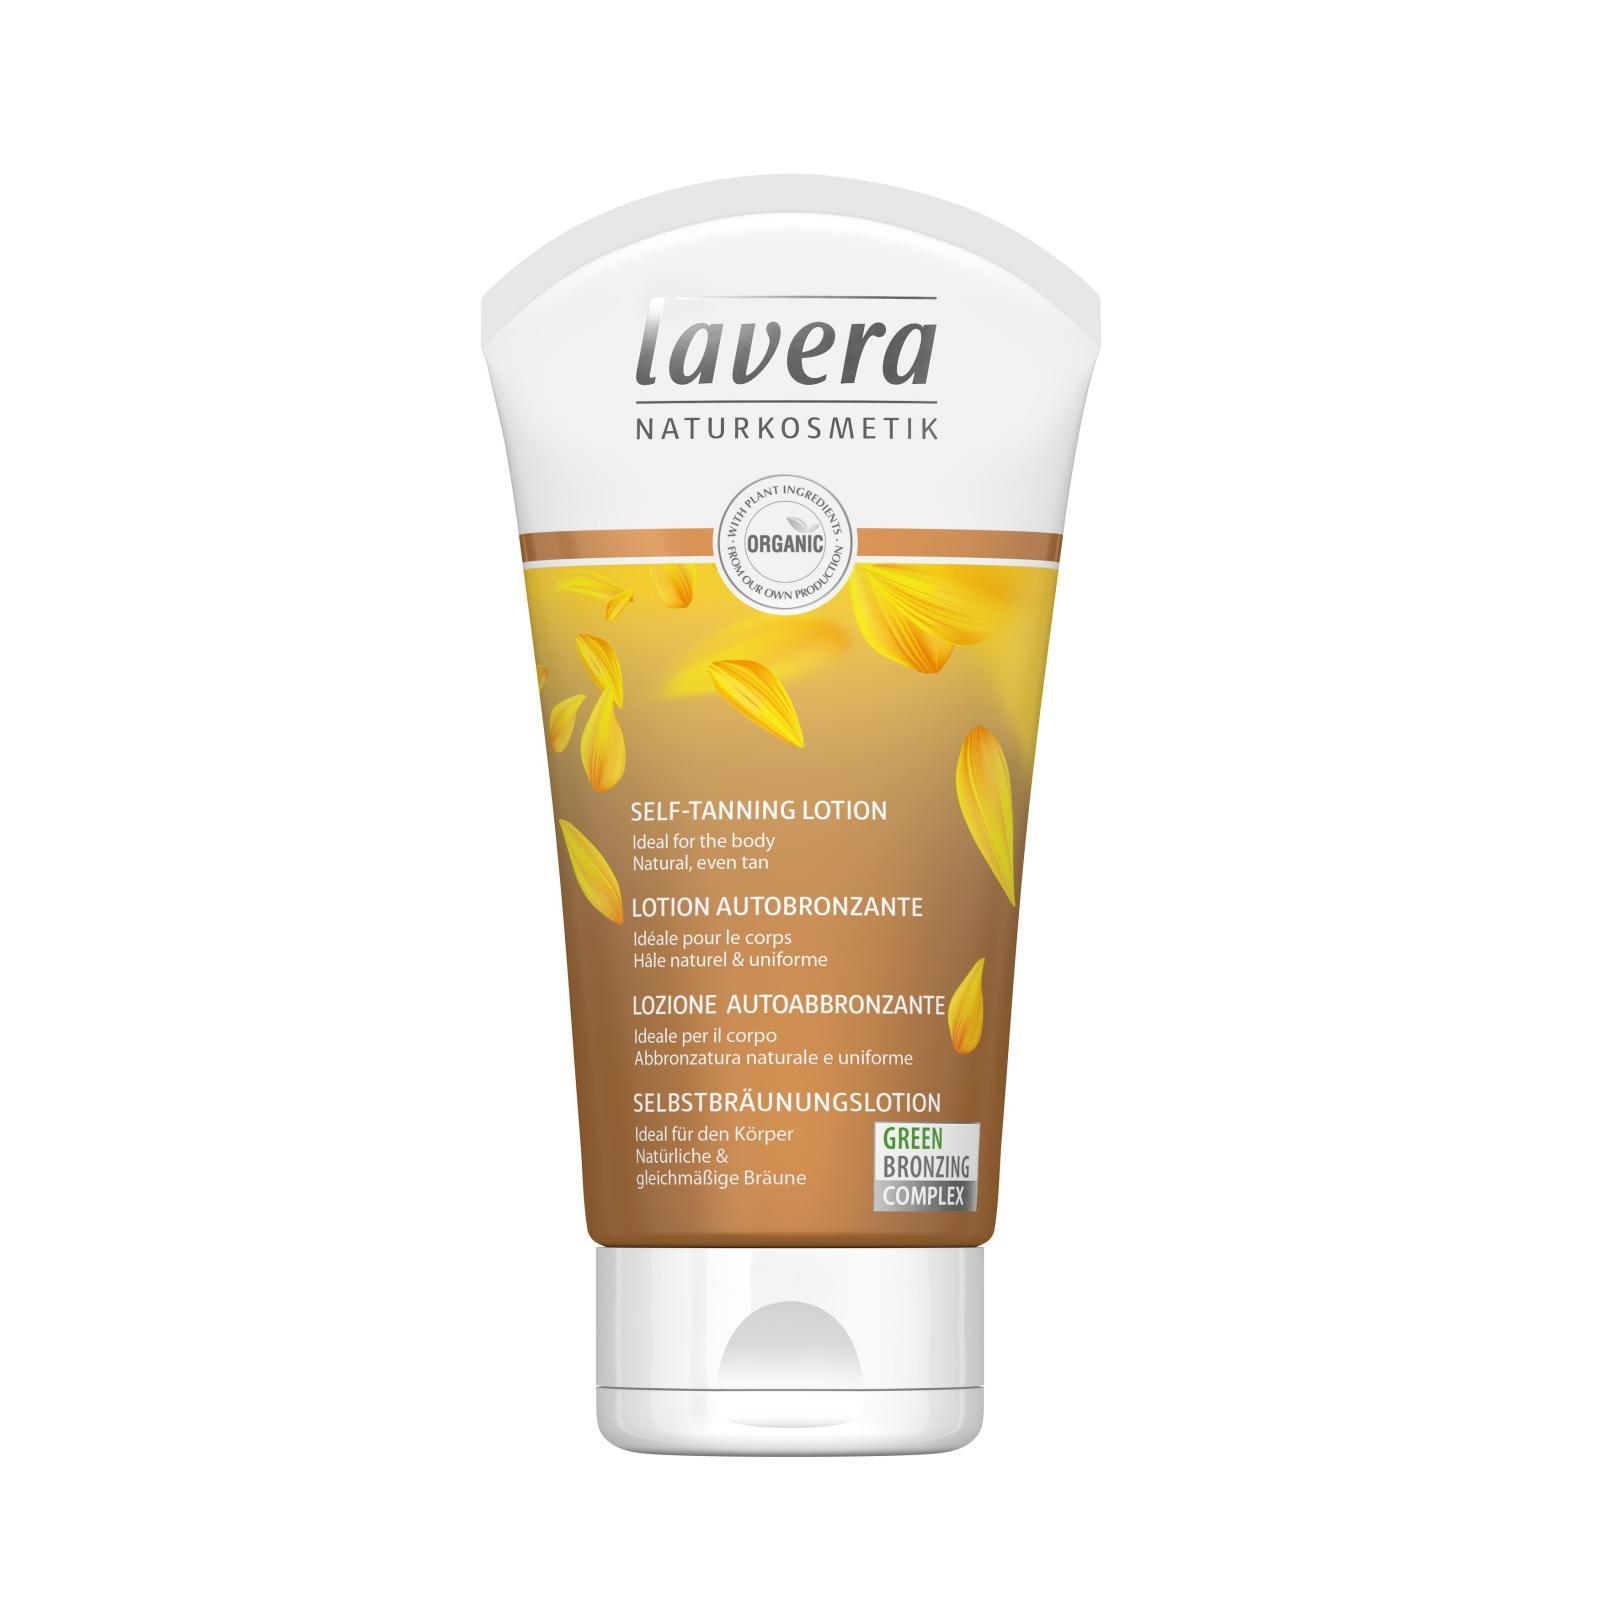 Lavera Samoopalovací mléko tělové, Sun Sensitiv 150 ml